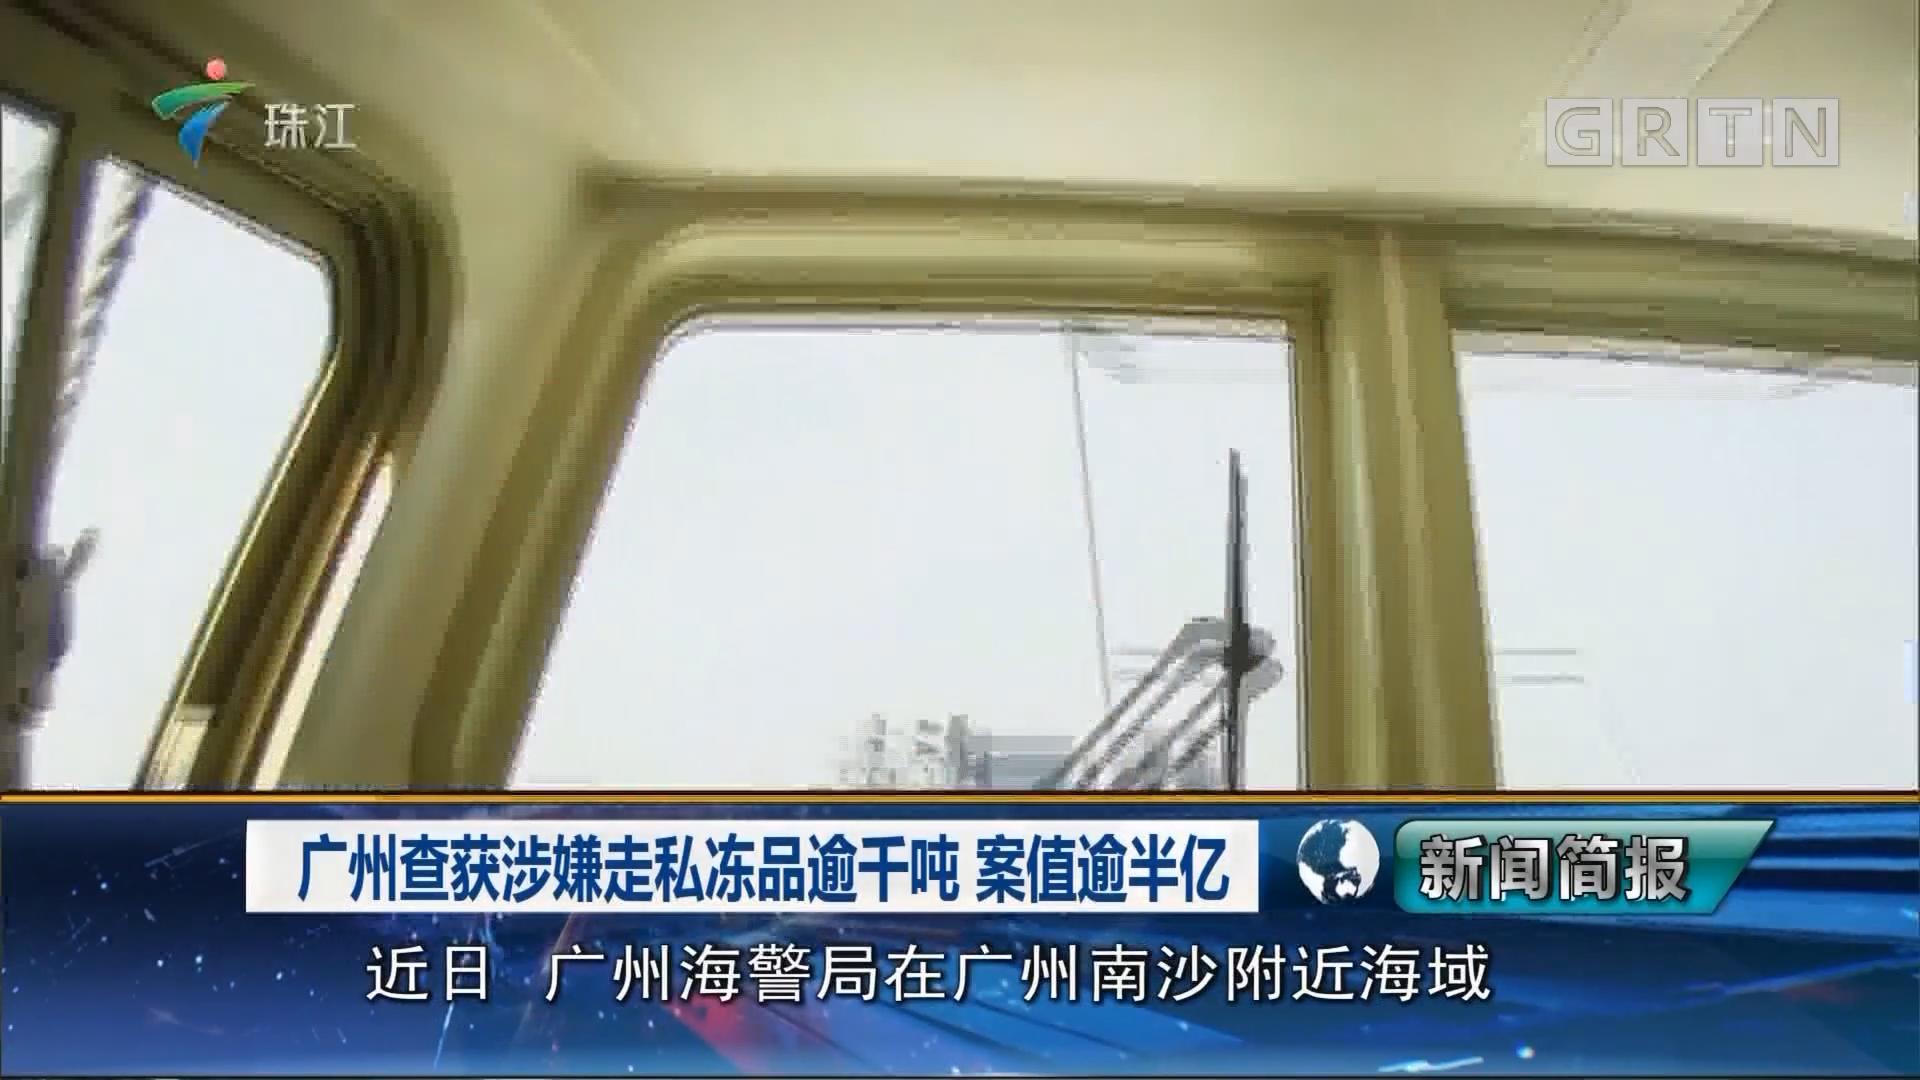 广州查获涉嫌走私冻品逾千吨 案值逾半亿